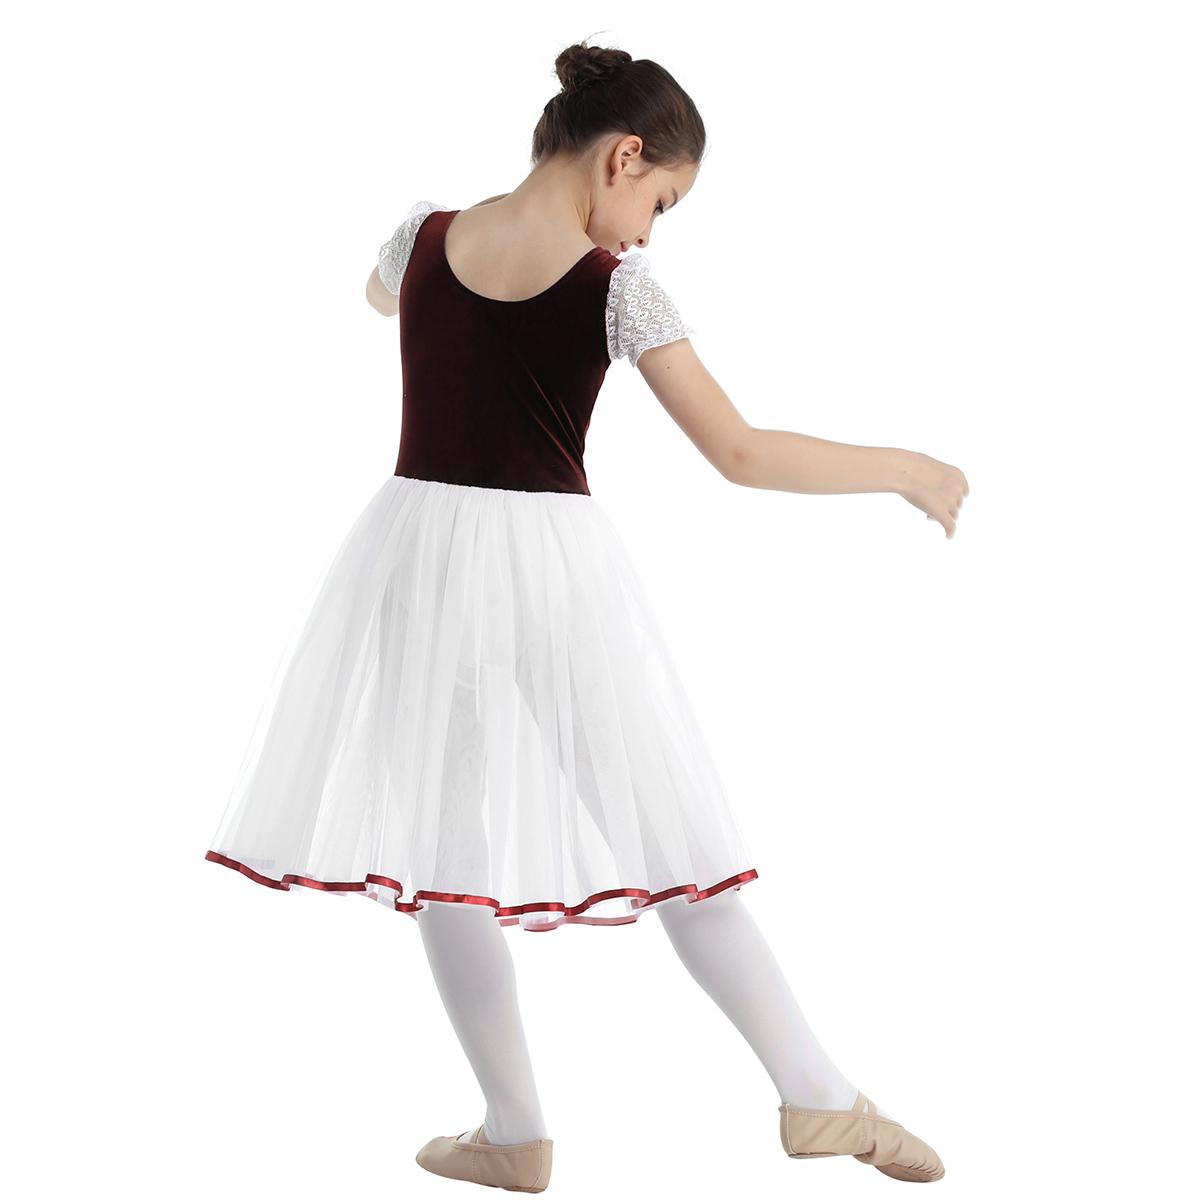 Ballett Tutu Für Mädchen Neue Sommer Kurzarm Kinder Tanzen: Großhandel Iixpin Romantische Tutu Giselle Ballett Kostüme